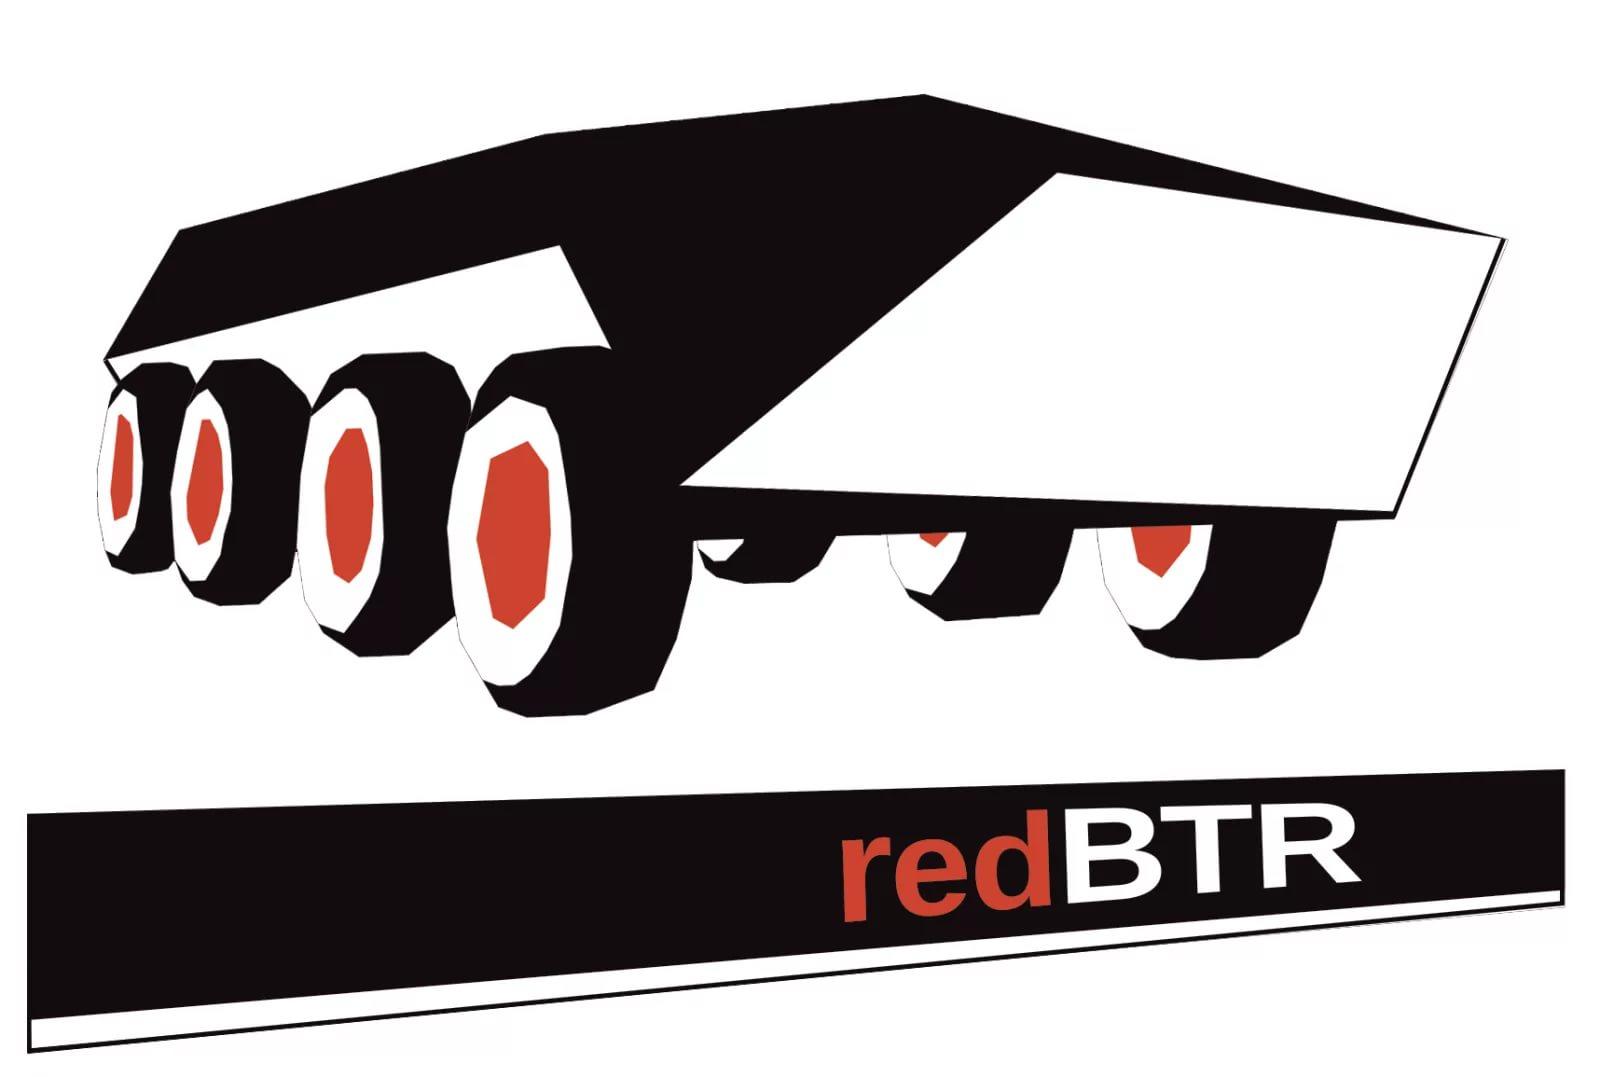 Лебедки red BTR